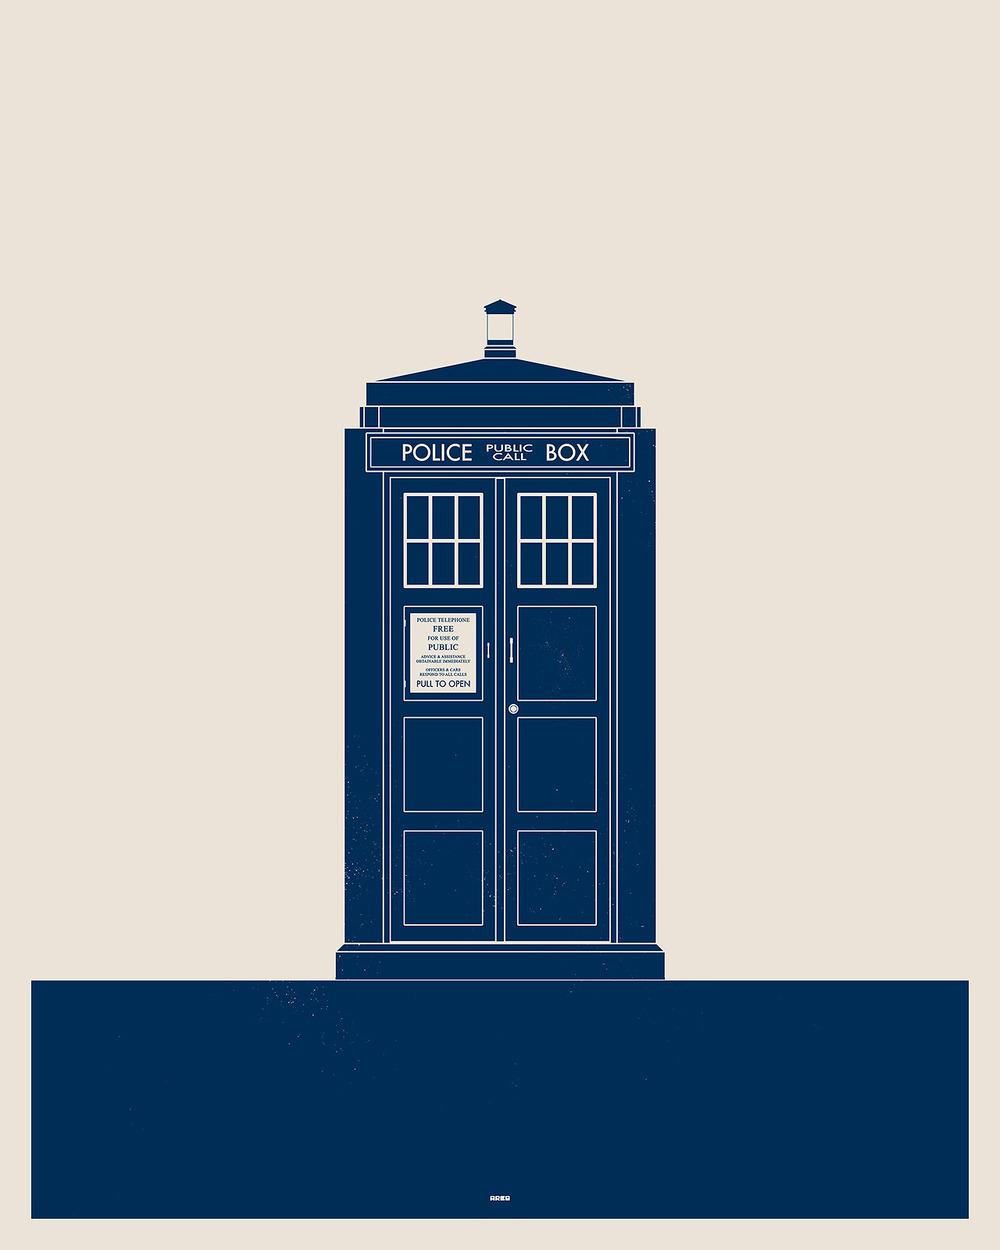 doctor-who-glow-in-the-dark-art-by-matt-ferguson